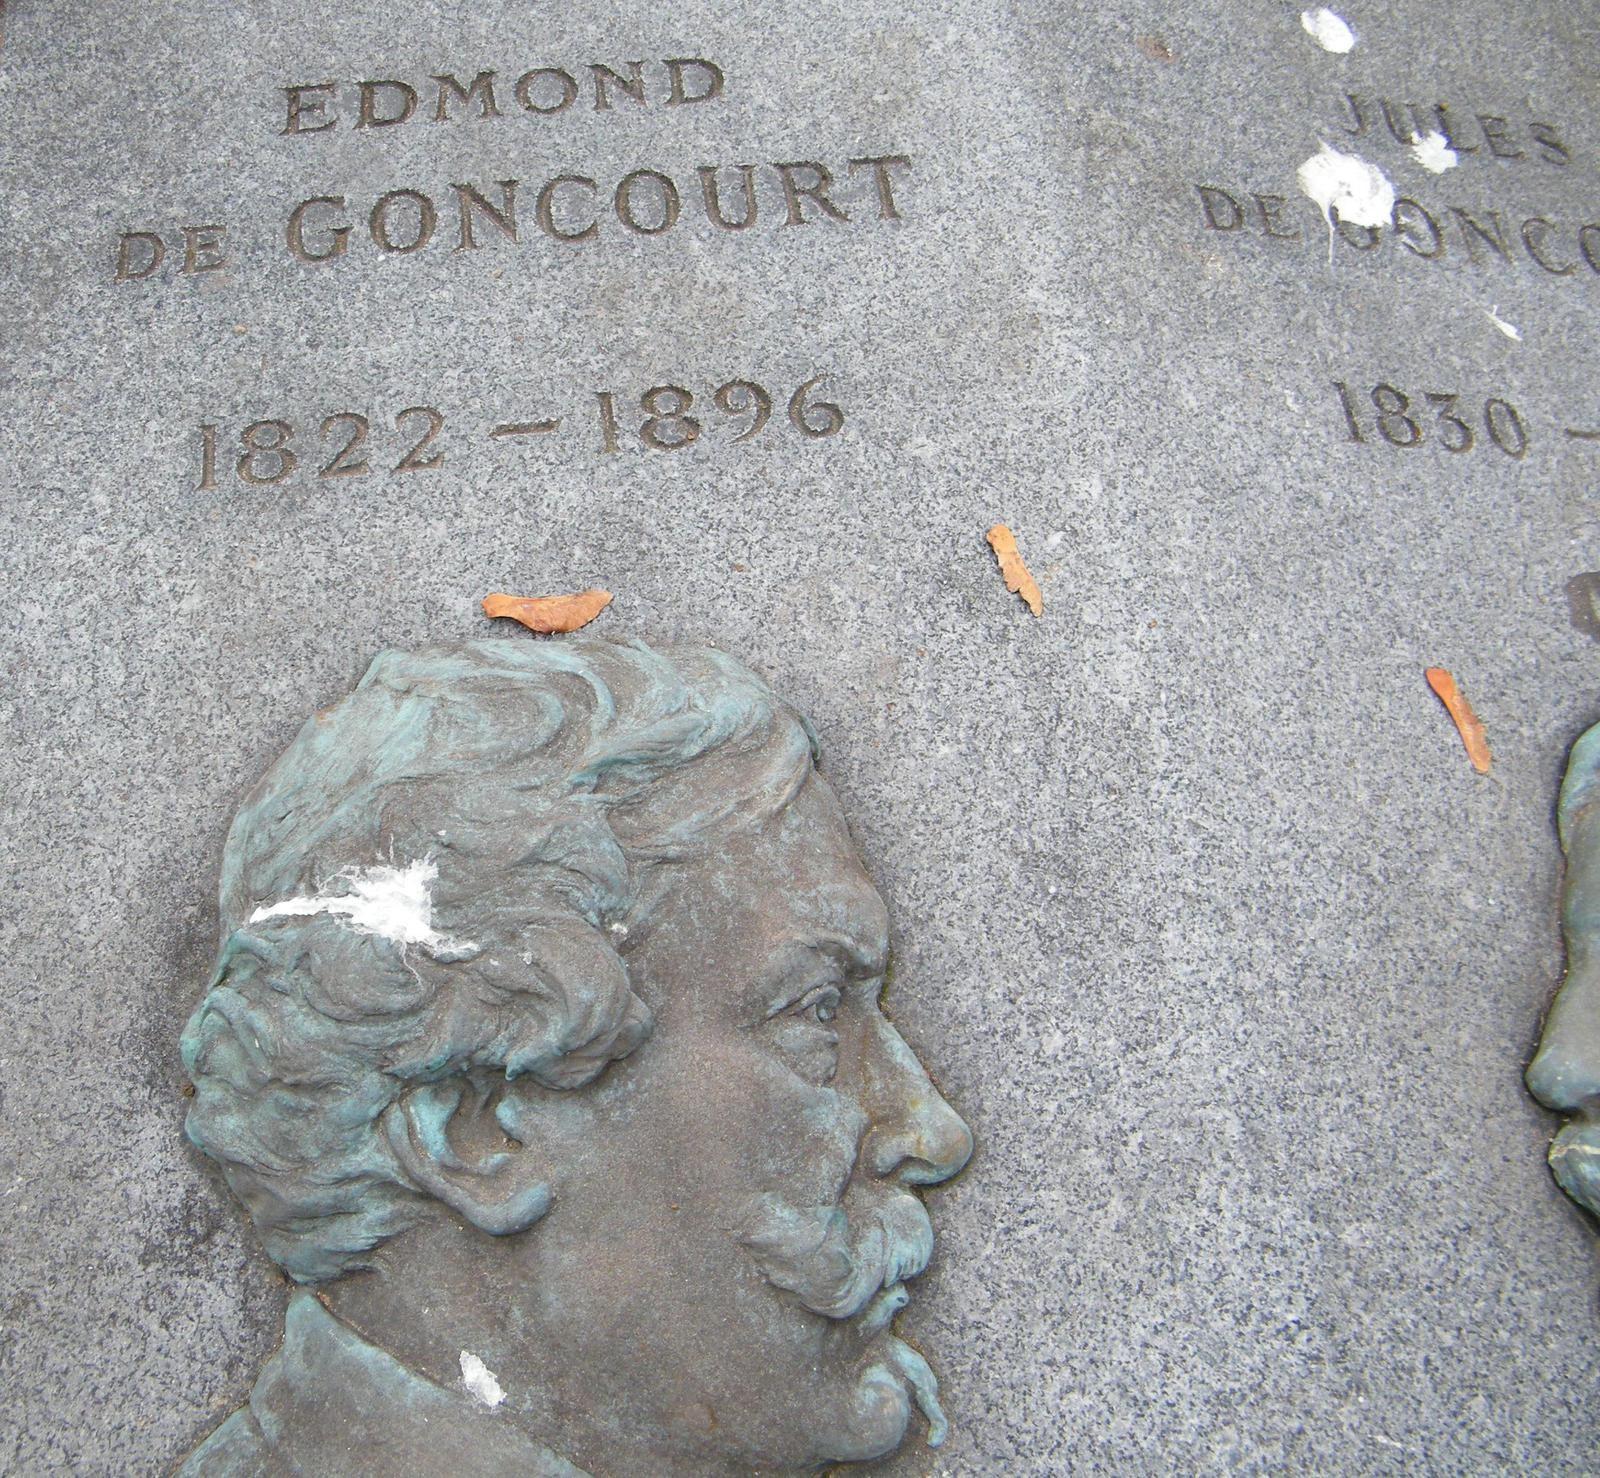 Edmond de Goncourt (1822-1896)